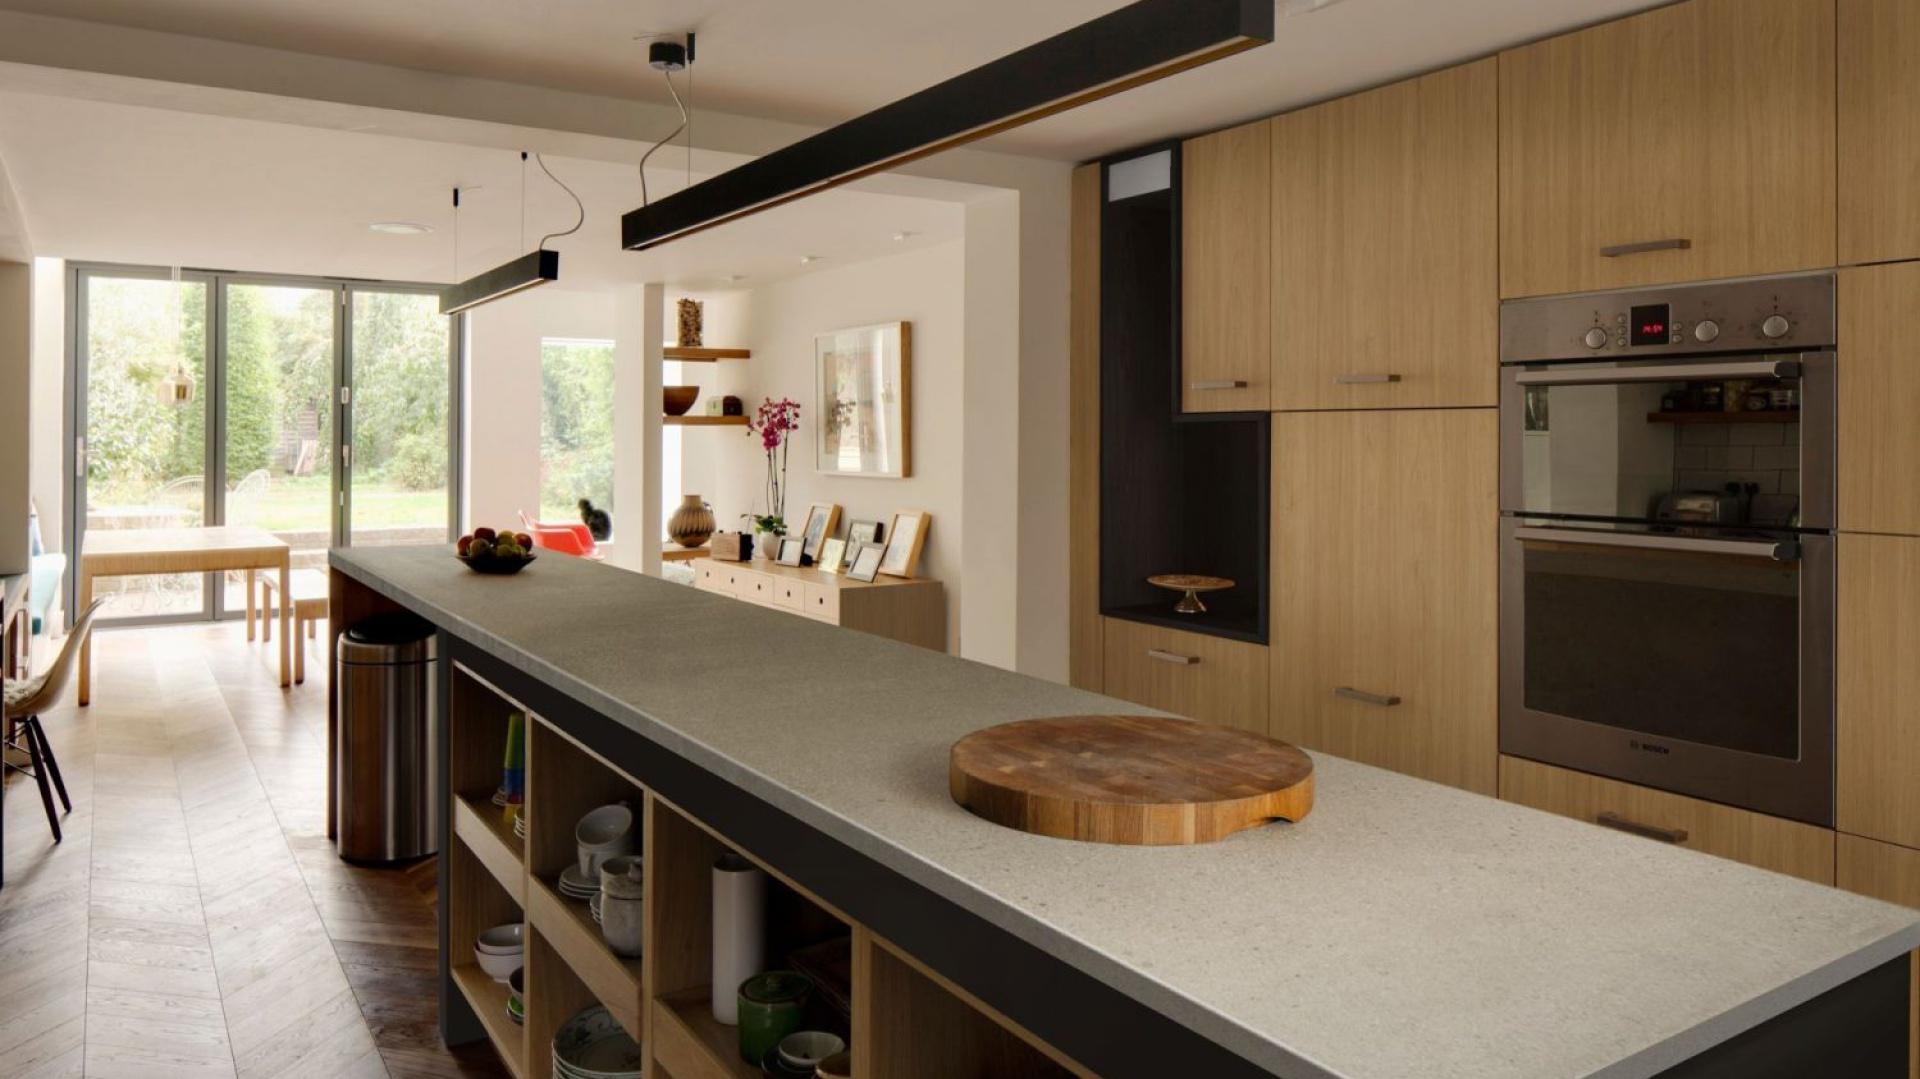 Długą, pojemną wyspę kuchenną z licznymi półkami pokrywa szary blat z laminatu. Fot. Pfleiderer, blat laminowany Snowland.